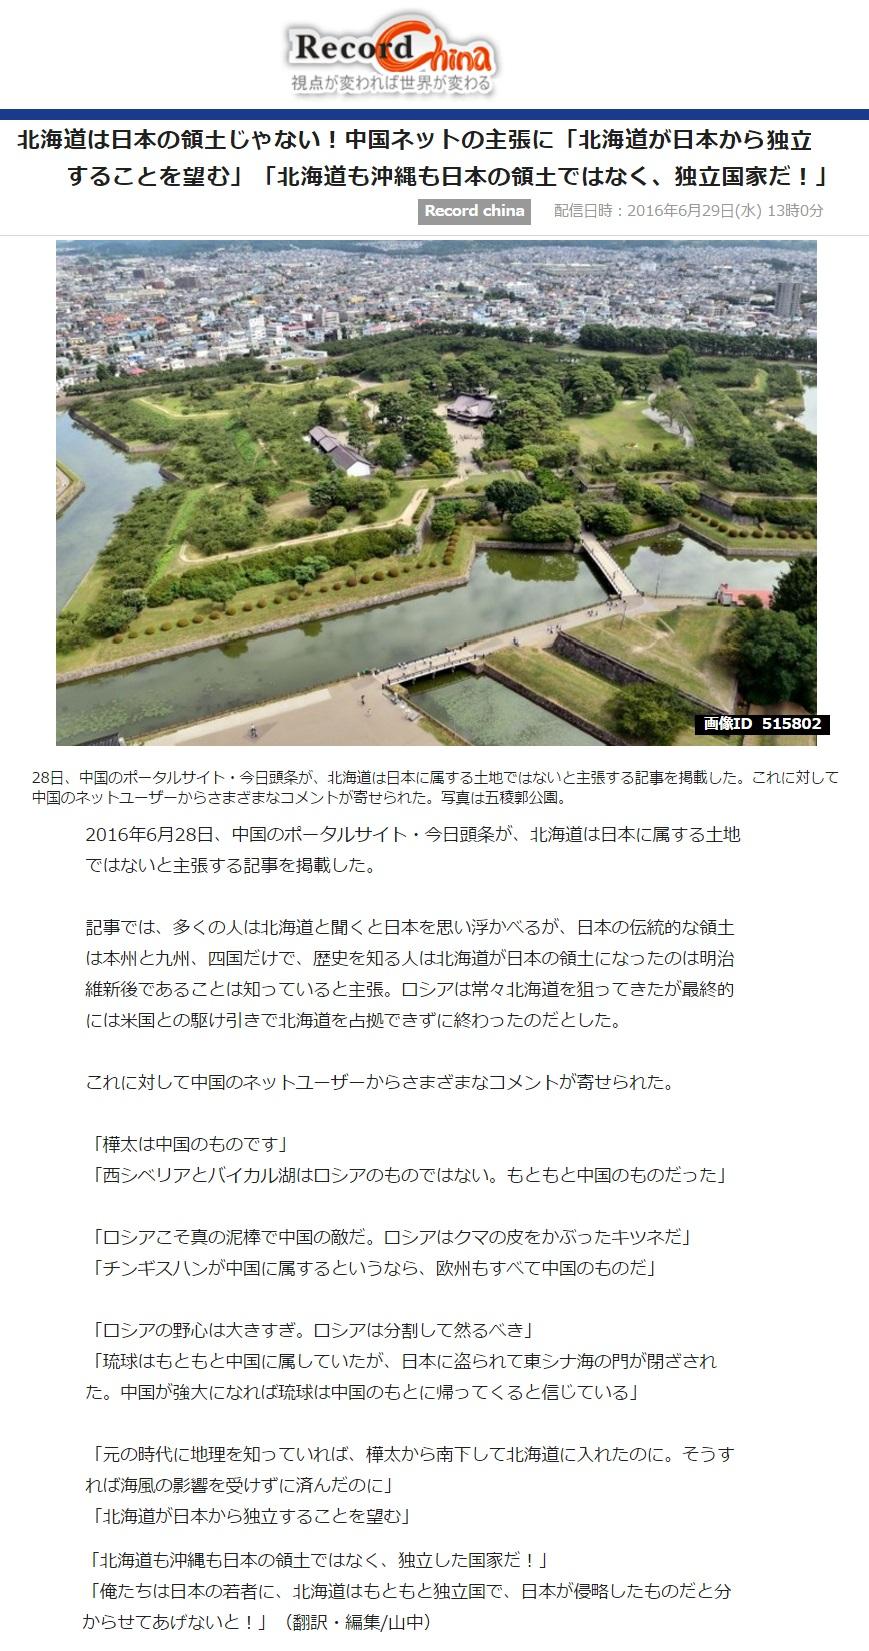 シナ「北海道も沖縄も日本のモノではない」